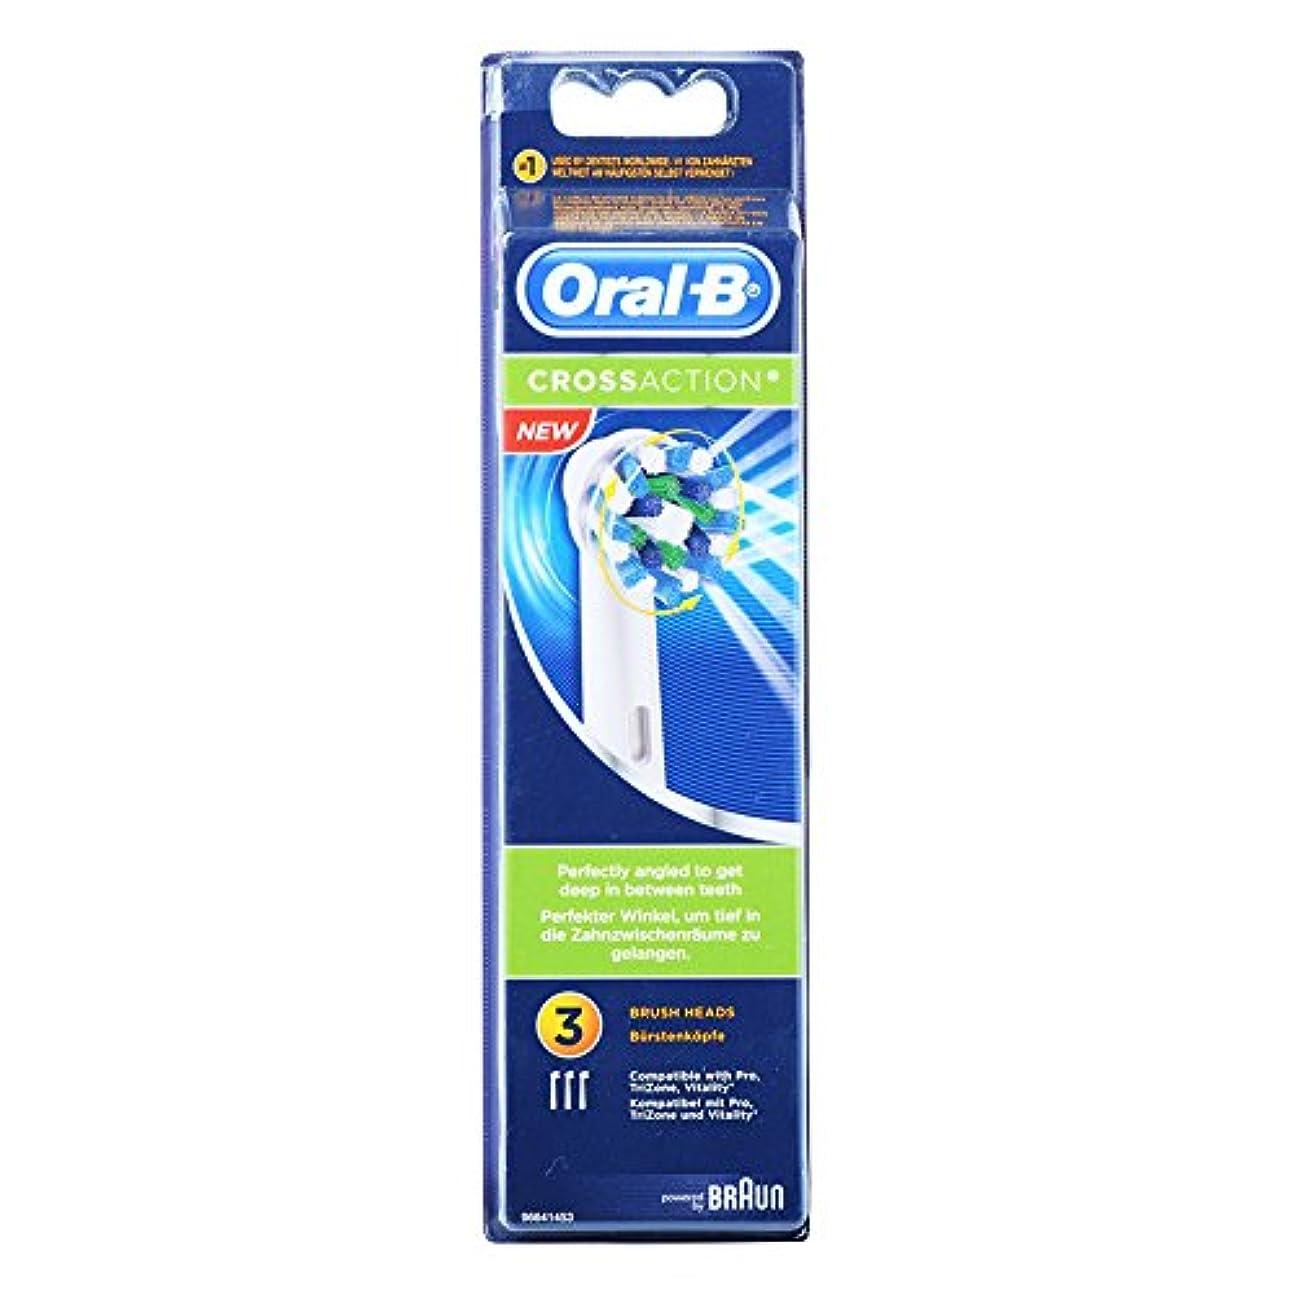 少年どう?アレキサンダーグラハムベルBraun Oral-B EB50-3 Oral-B CrossAction 歯ブラシ交換用ブラシヘッド 1Pack [並行輸入品]